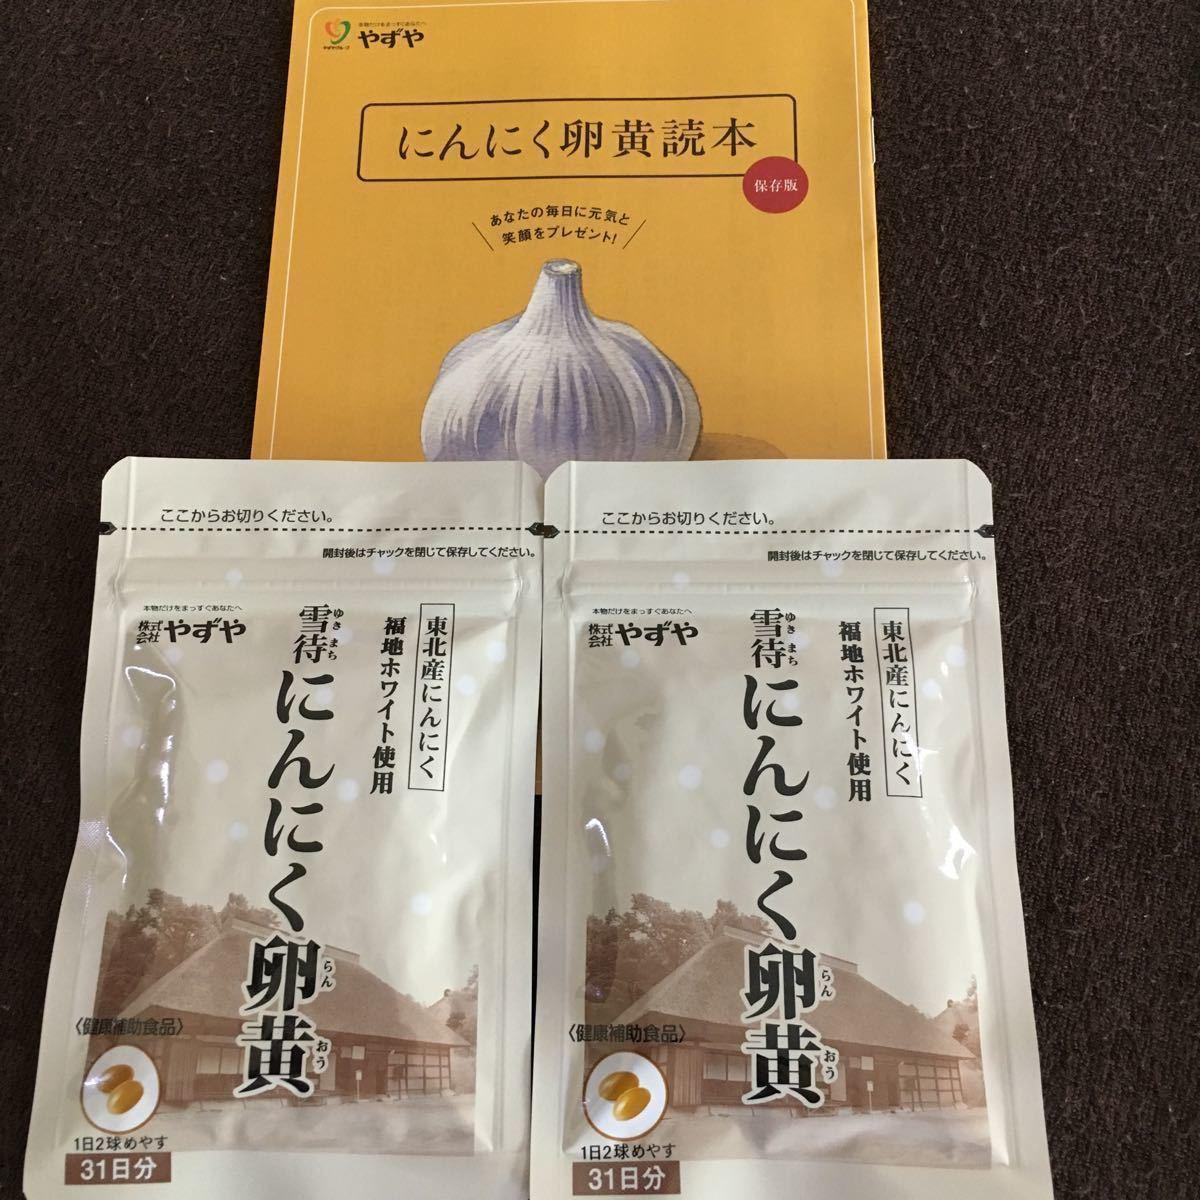 ★★ やずや 雪待 にんにく卵黄(2袋セット)☆【送料無料】_画像1